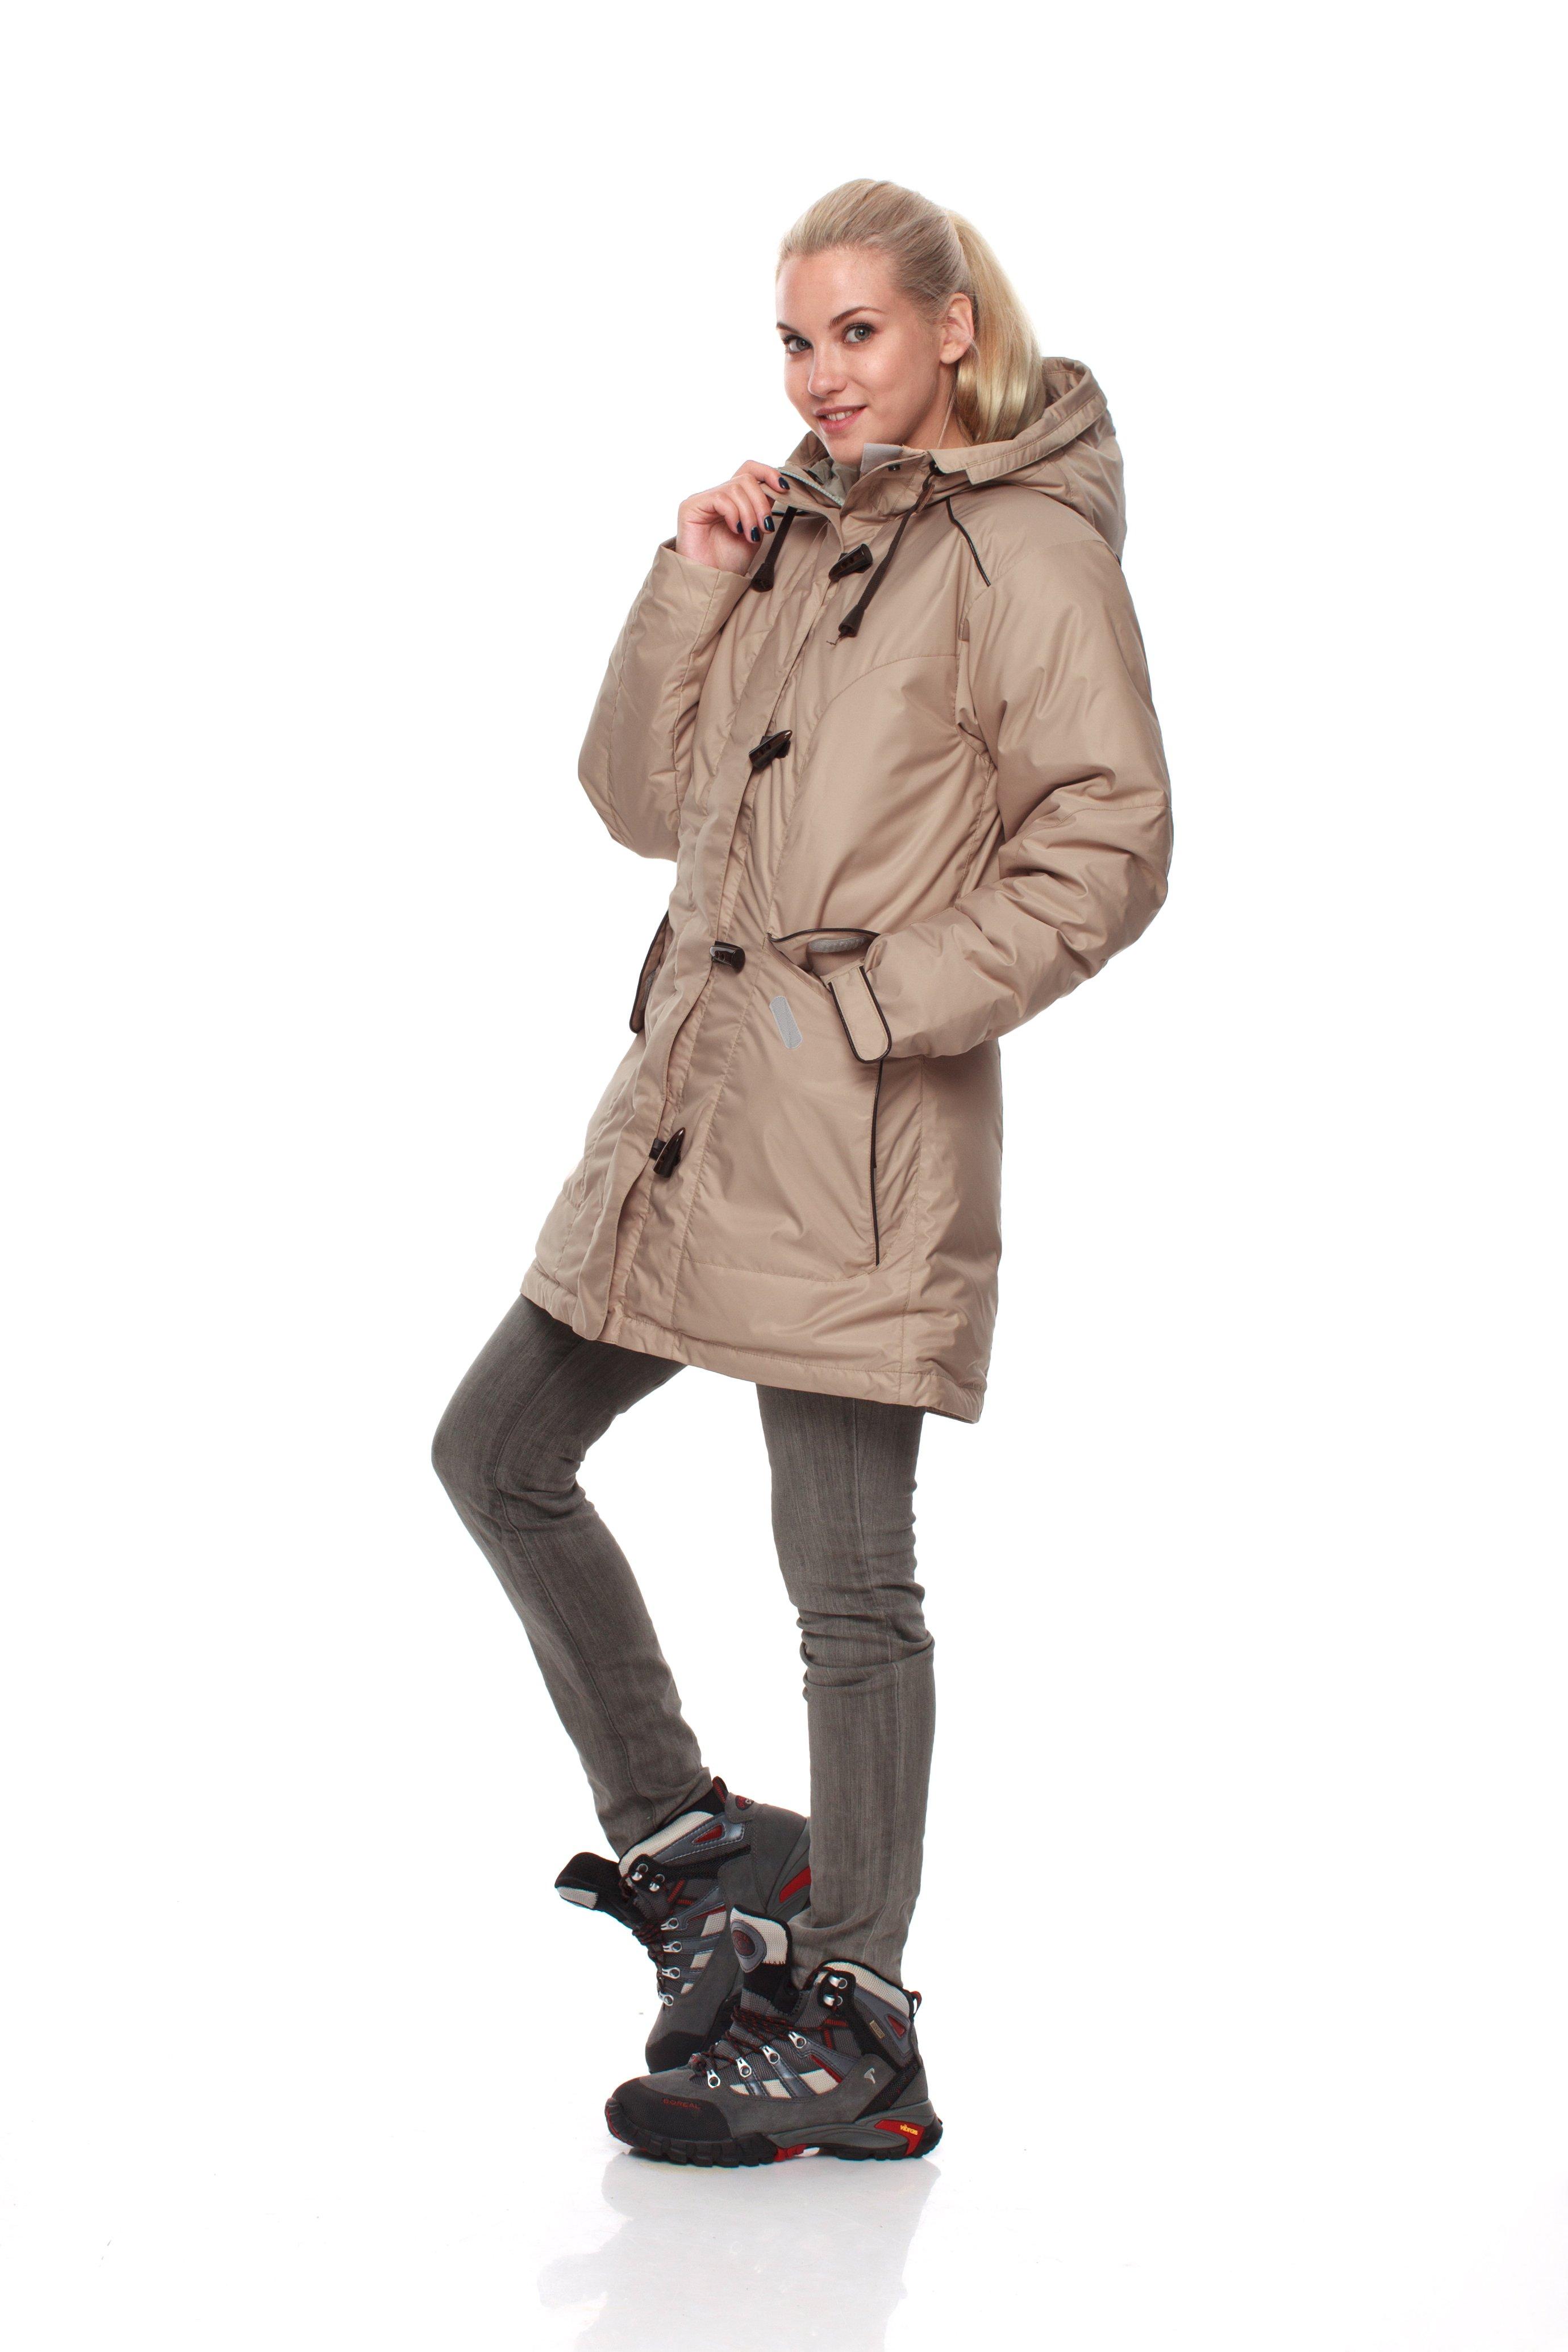 Пуховая куртка BASK ALBERTA 4707Куртки<br>Зимняя классическая женская куртка в стиле &amp;laquo;аляска&amp;raquo;.<br><br>&quot;Дышащие&quot; свойства: Да<br>Верхняя ткань: Avenu Duoran<br>Вес граммы: 1200<br>Вес утеплителя: 249<br>Ветро-влагозащитные свойства верхней ткани: Да<br>Ветрозащитная планка: Да<br>Ветрозащитная юбка: Нет<br>Влагозащитные молнии: Нет<br>Внутренние манжеты: Нет<br>Внутренняя ткань: Advance® Classic<br>Водонепроницаемость: 3000<br>Дублирующий центральную молнию клапан: Да<br>Защитный козырёк капюшона: Нет<br>Капюшон: Несъемный<br>Карман для средств связи: Да<br>Количество внешних карманов: 4<br>Количество внутренних карманов: 2<br>Коллекция: OUTDOOR SPIRIT ADVENTURE TEAM<br>Мембрана: Resist<br>Объемный крой локтевой зоны: Да<br>Отстёгивающиеся рукава: Нет<br>Паропроницаемость: 3000<br>Показатель Fill Power (для пуховых изделий): 650<br>Пол: Женский<br>Проклейка швов: Нет<br>Регулировка манжетов рукавов: Да<br>Регулировка низа: Да<br>Регулировка объёма капюшона: Да<br>Регулировка талии: Да<br>Регулируемые вентиляционные отверстия: Нет<br>Световозвращающая лента: Нет<br>Температурный режим: -25<br>Технология Thermal Welding: Нет<br>Технология швов: Закрытые<br>Тип молнии: Двухзамковая<br>Тип утеплителя: Натуральный<br>Ткань усиления: нет<br>Усиление контактных зон: Нет<br>Утеплитель: Гусиный пух<br>Размер INT: M<br>Цвет: БЕЖЕВЫЙ